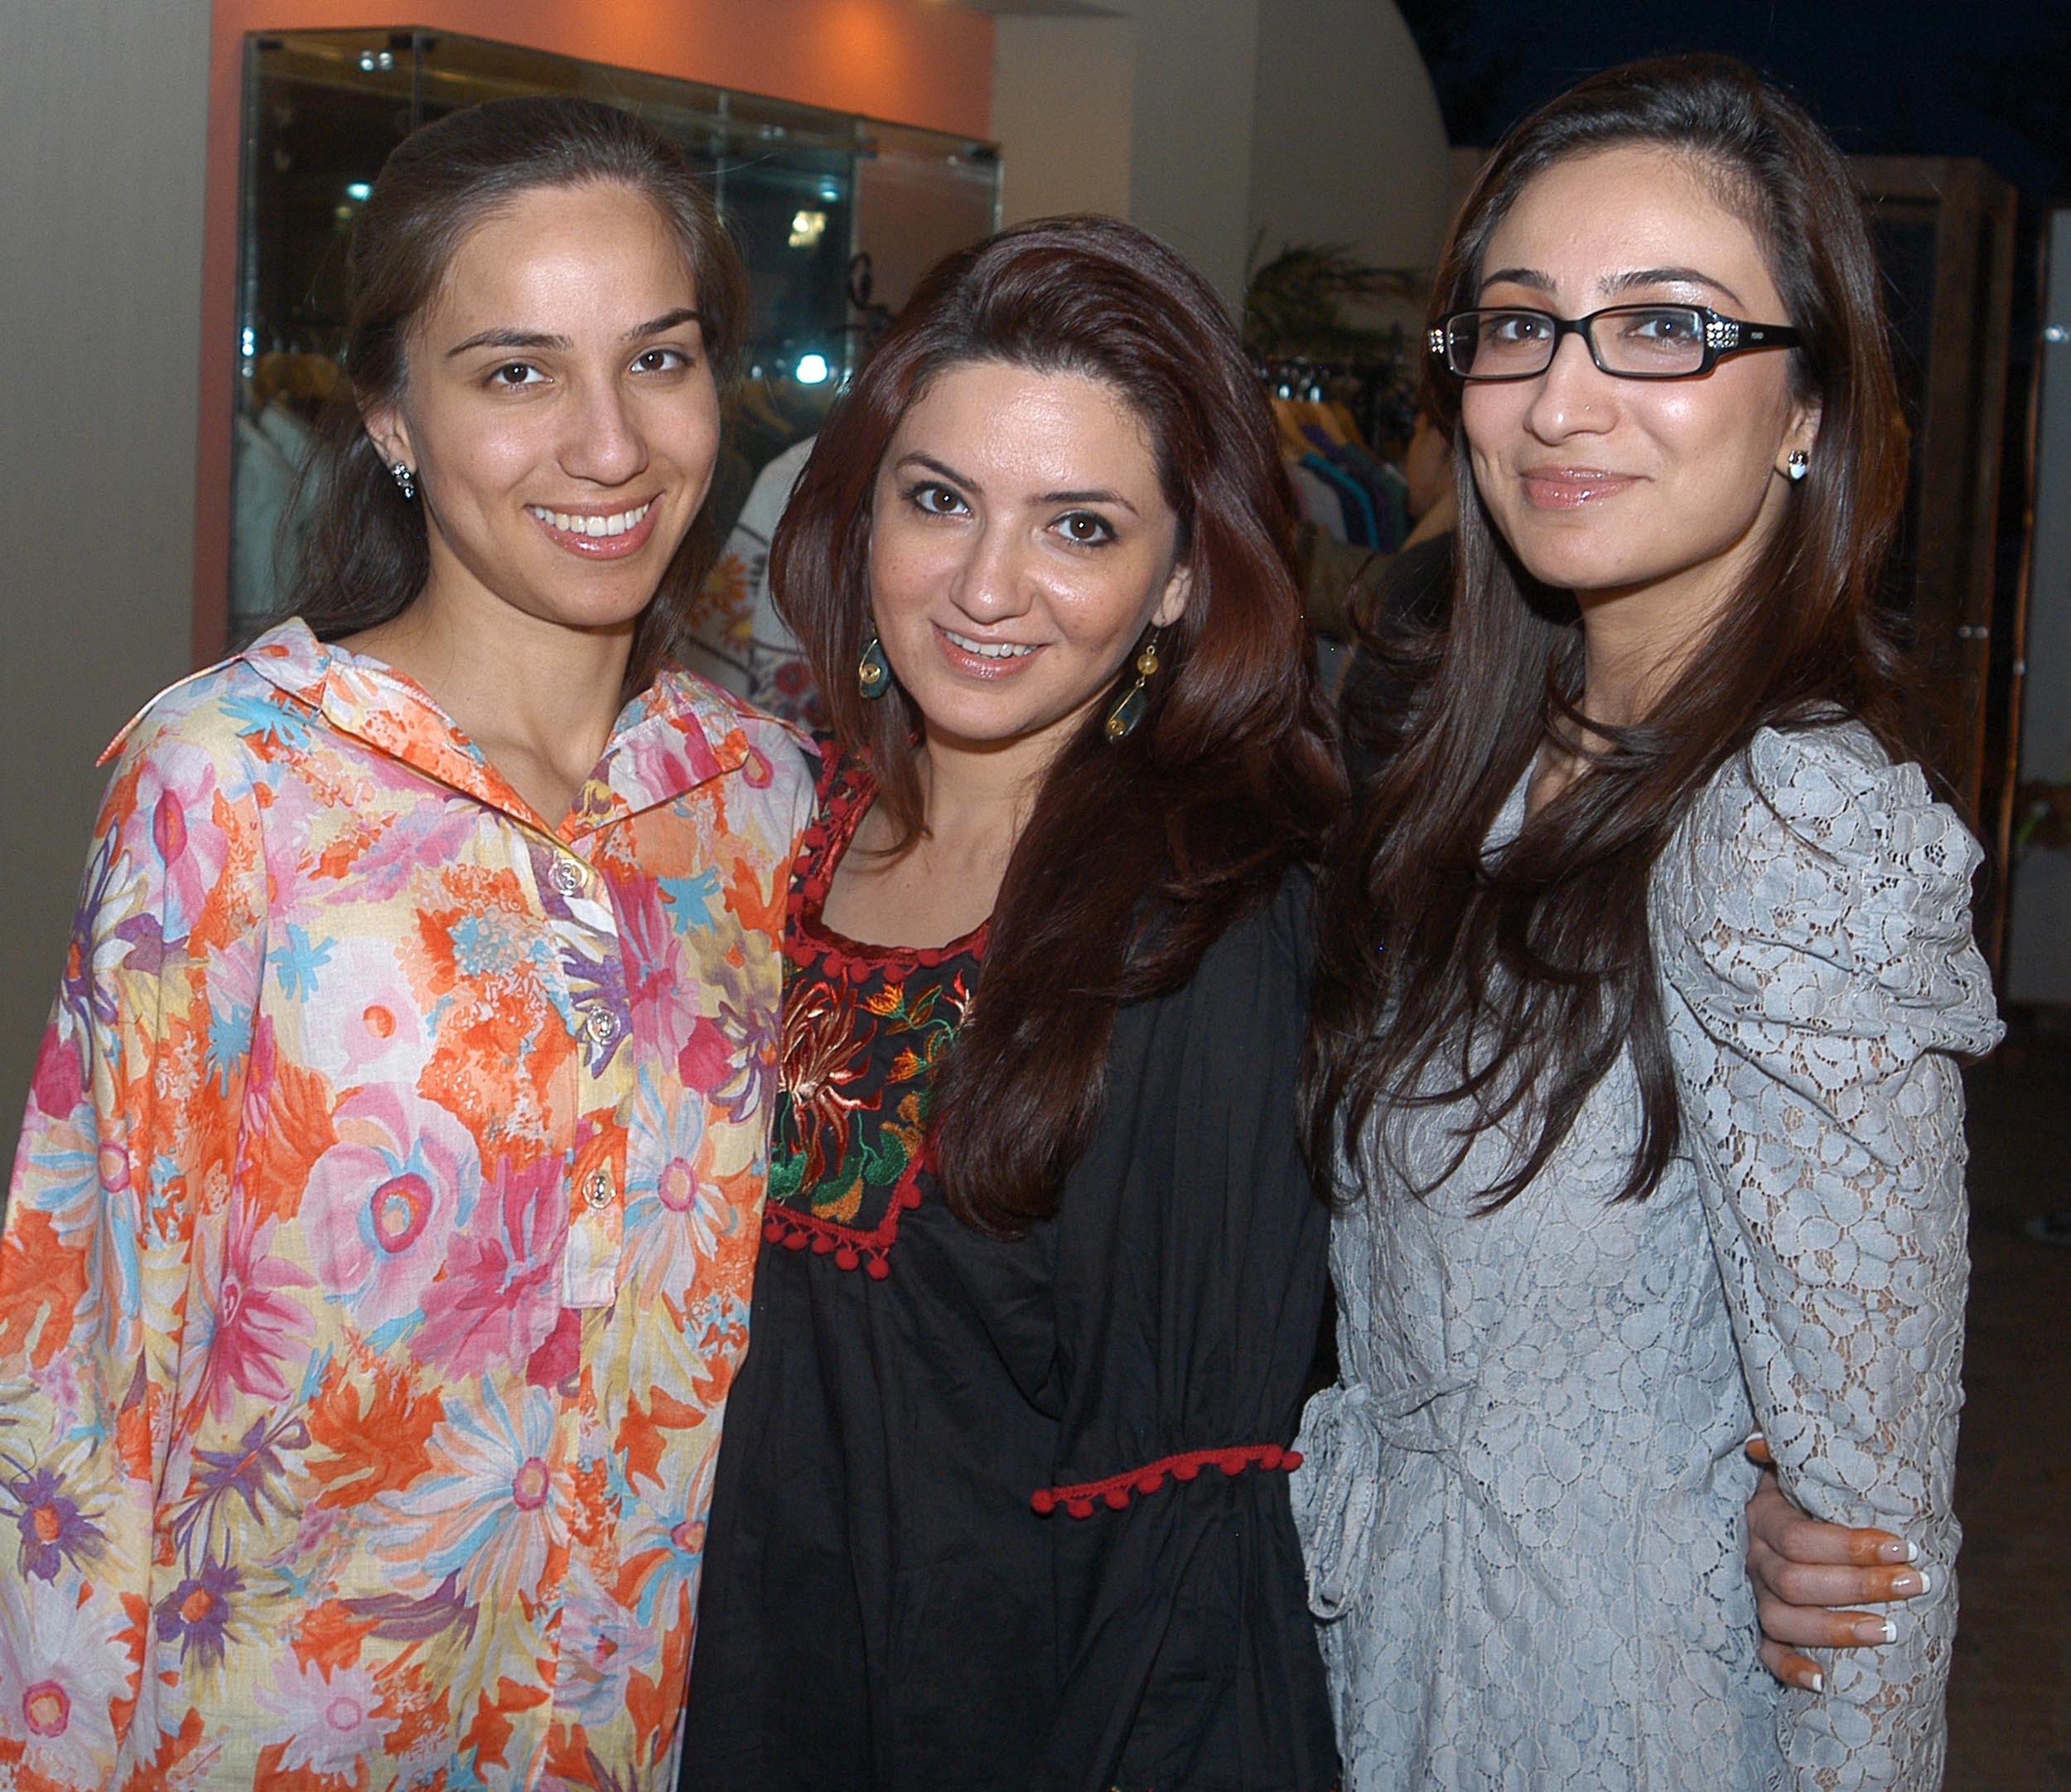 Alizeh Ashraf, Natasha Qizilbash and Anoushay Ashraf